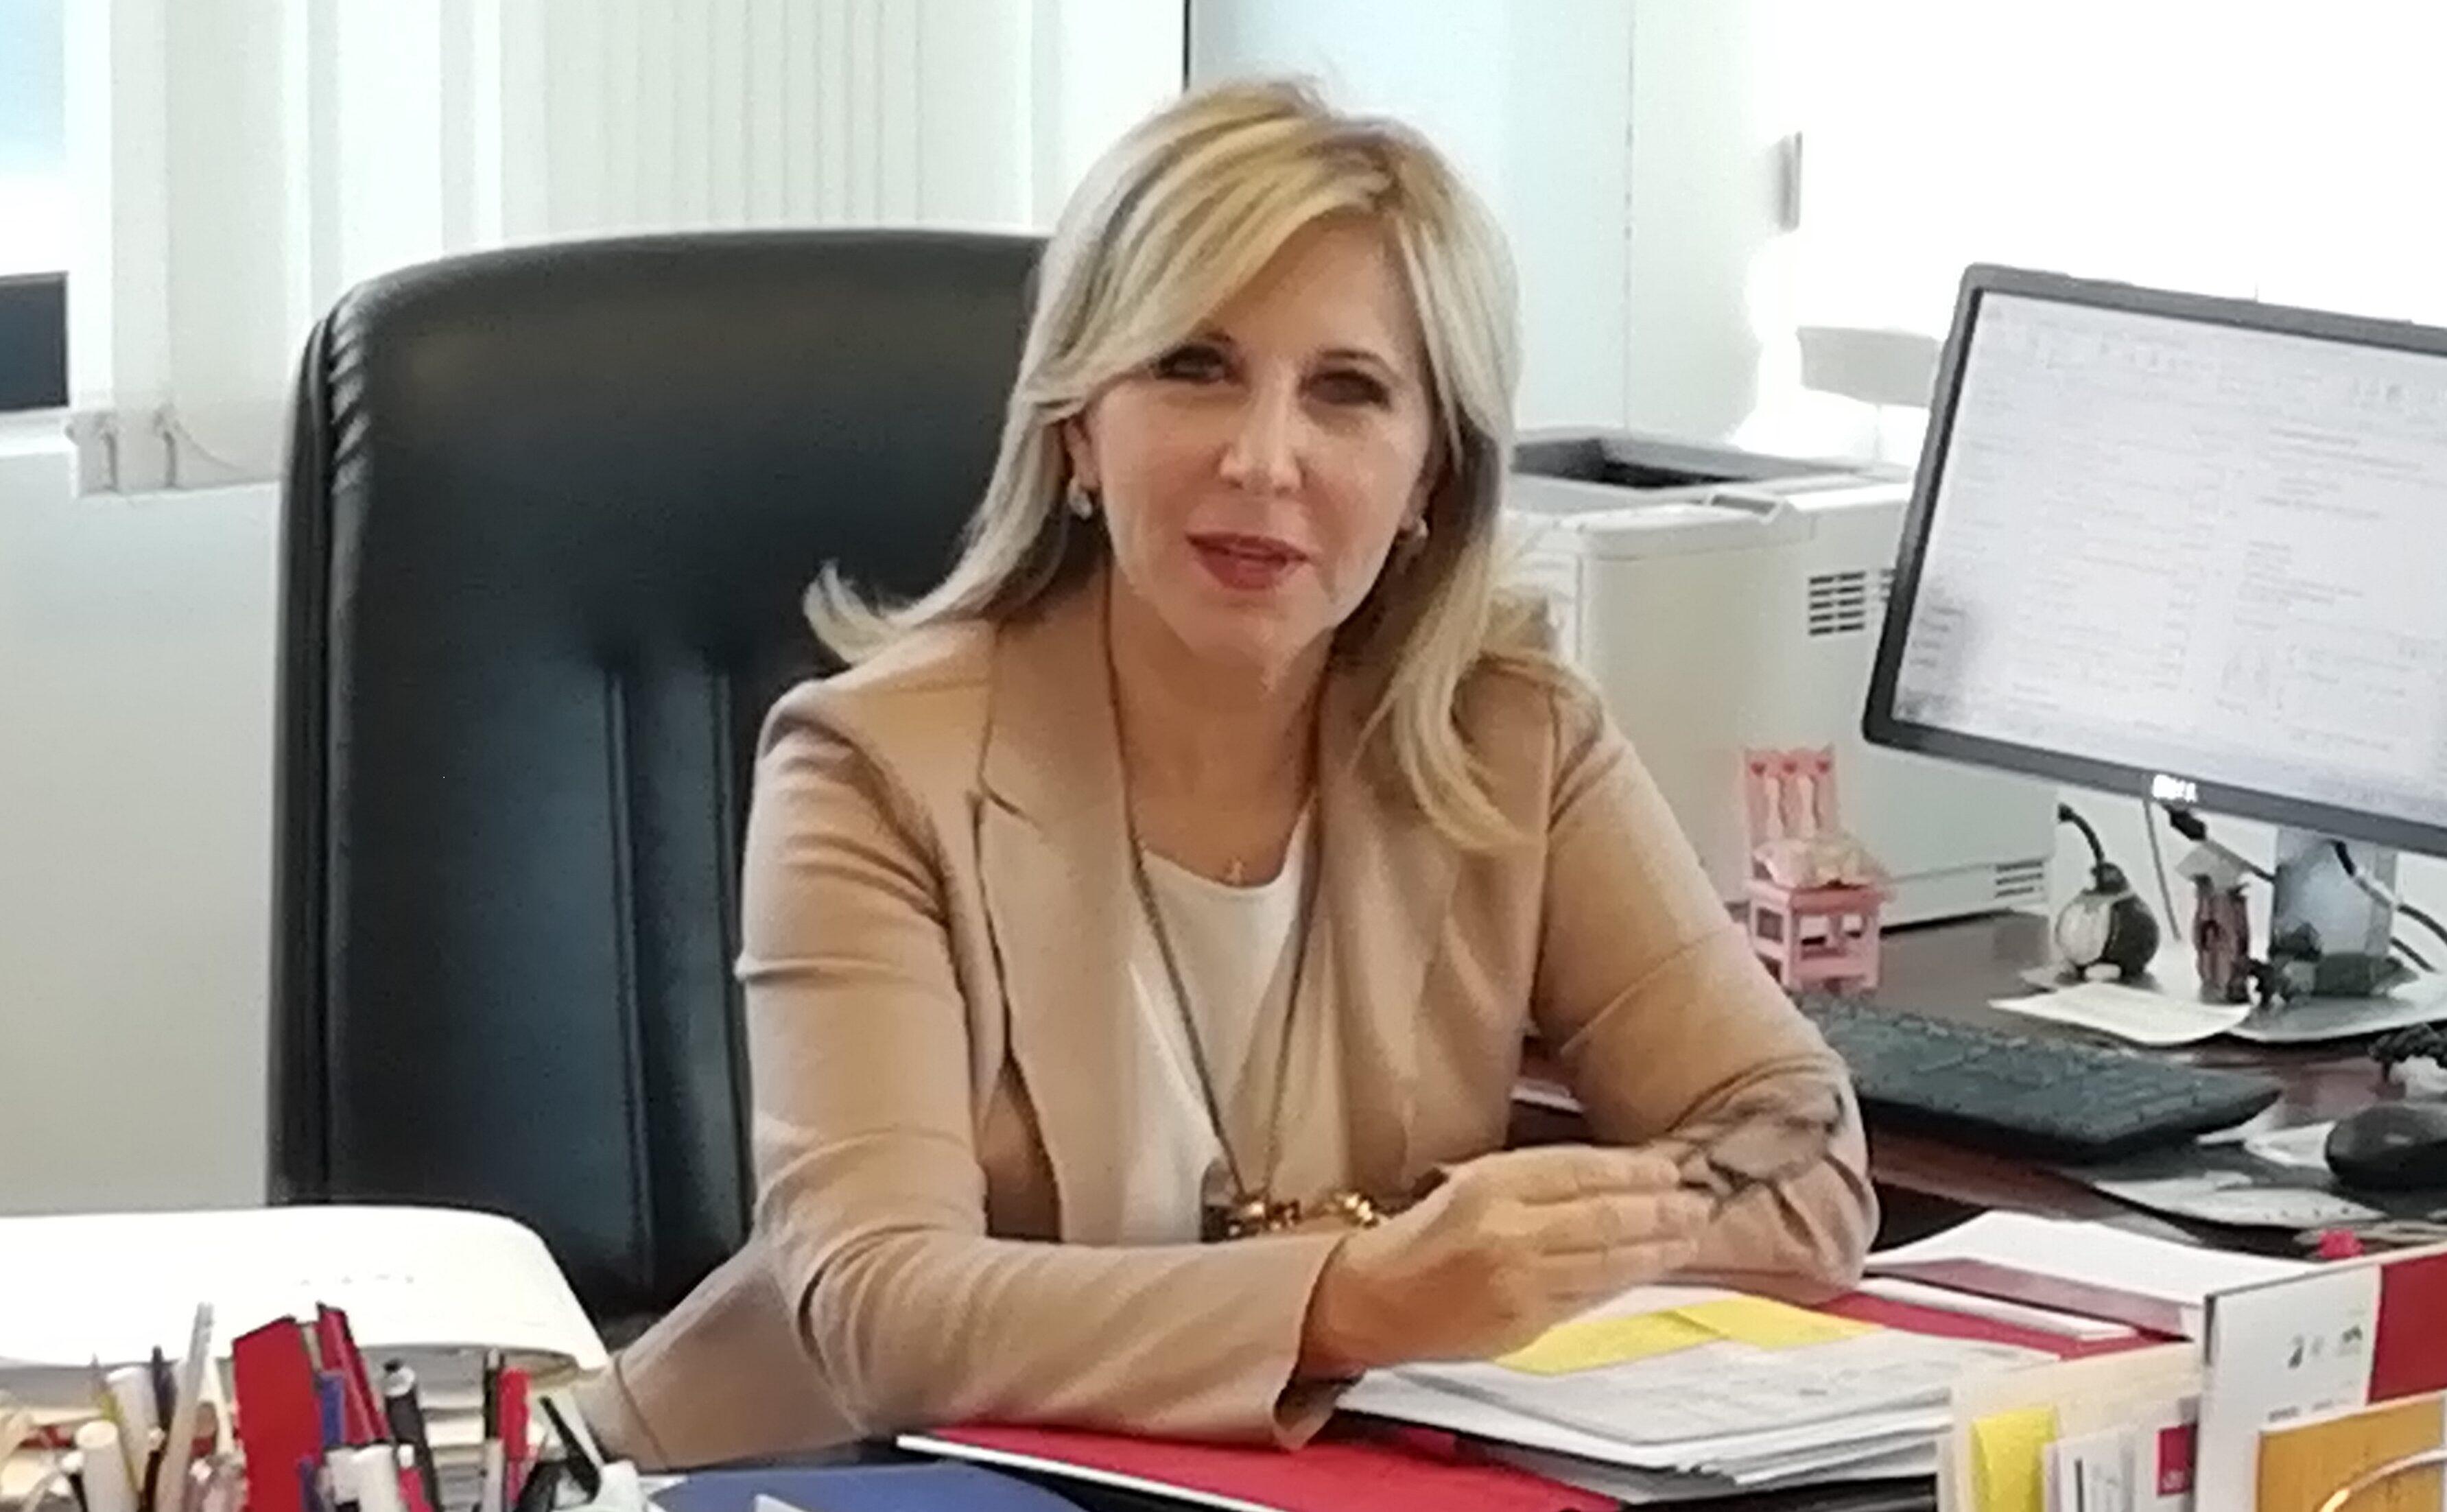 Nuovo anno scolastico, gli auguri del Direttore generale USR Abruzzo Antonella Tozza